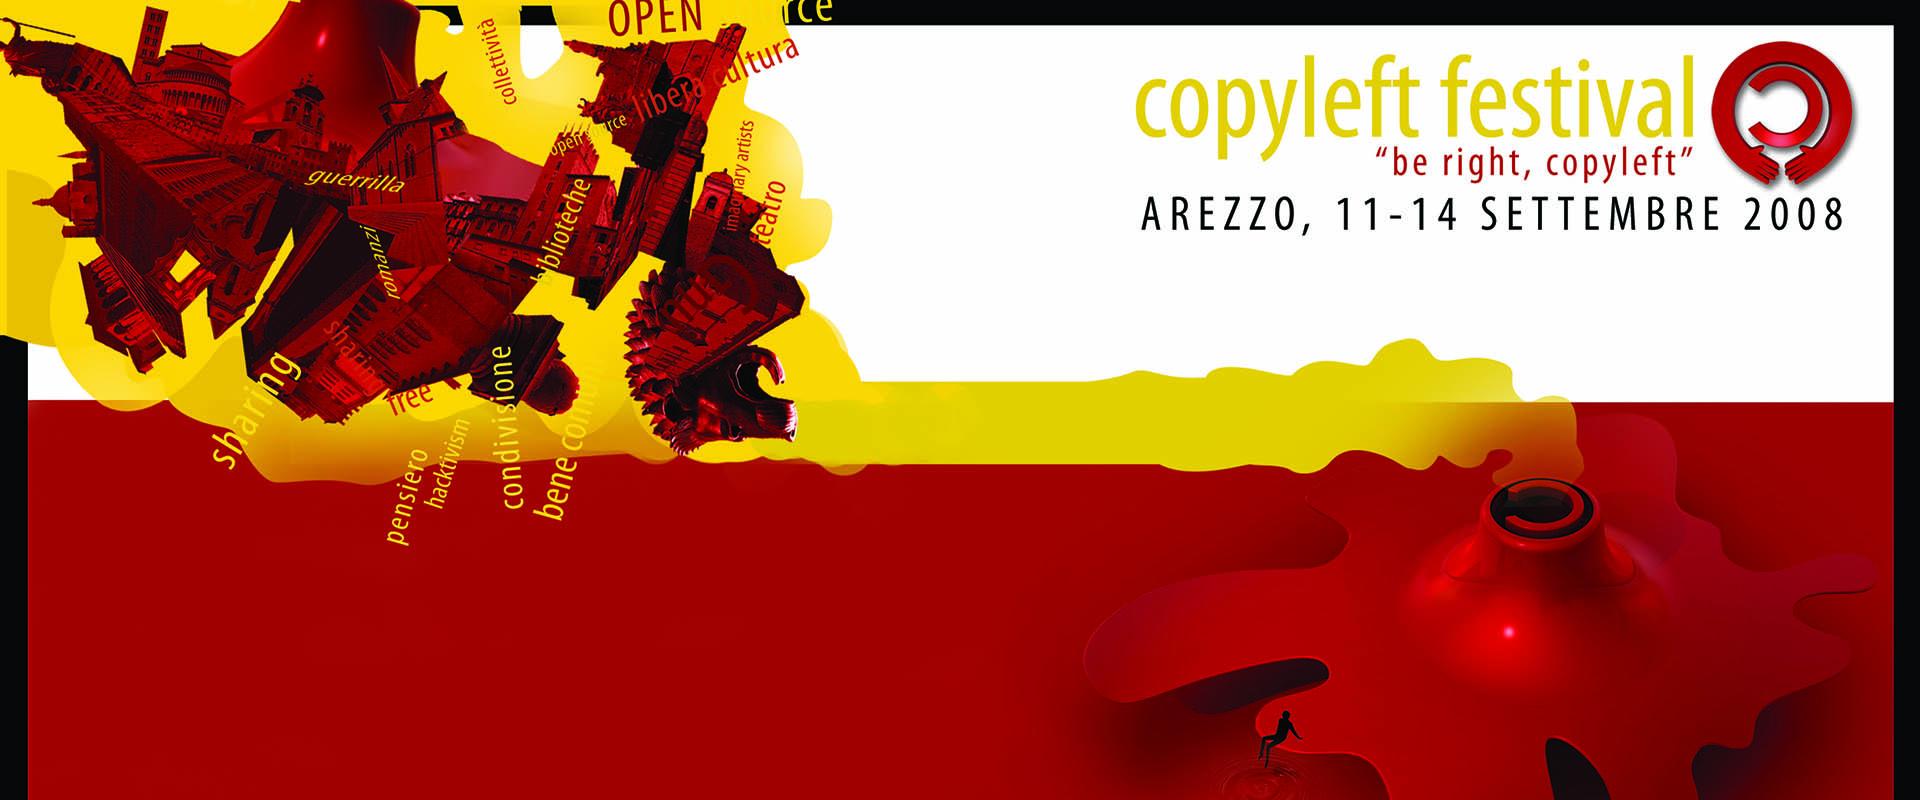 aironic_ugo_capparelli_comunicazione_copyleft_festival_arezzo